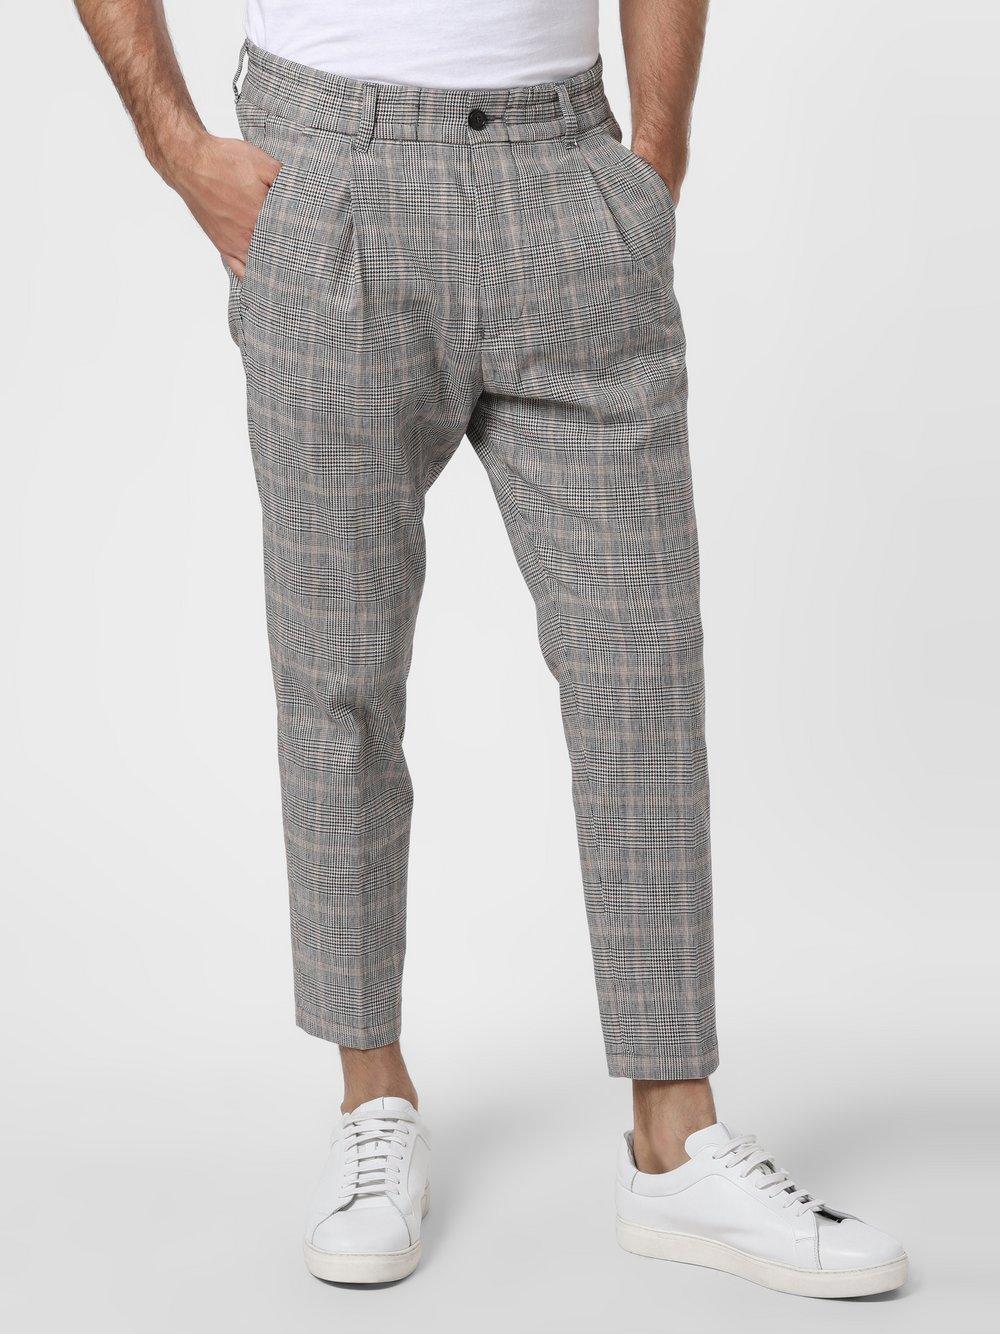 Drykorn - Męskie spodnie od garnituru modułowego z dodatkiem lnu – Chasy, beżowy